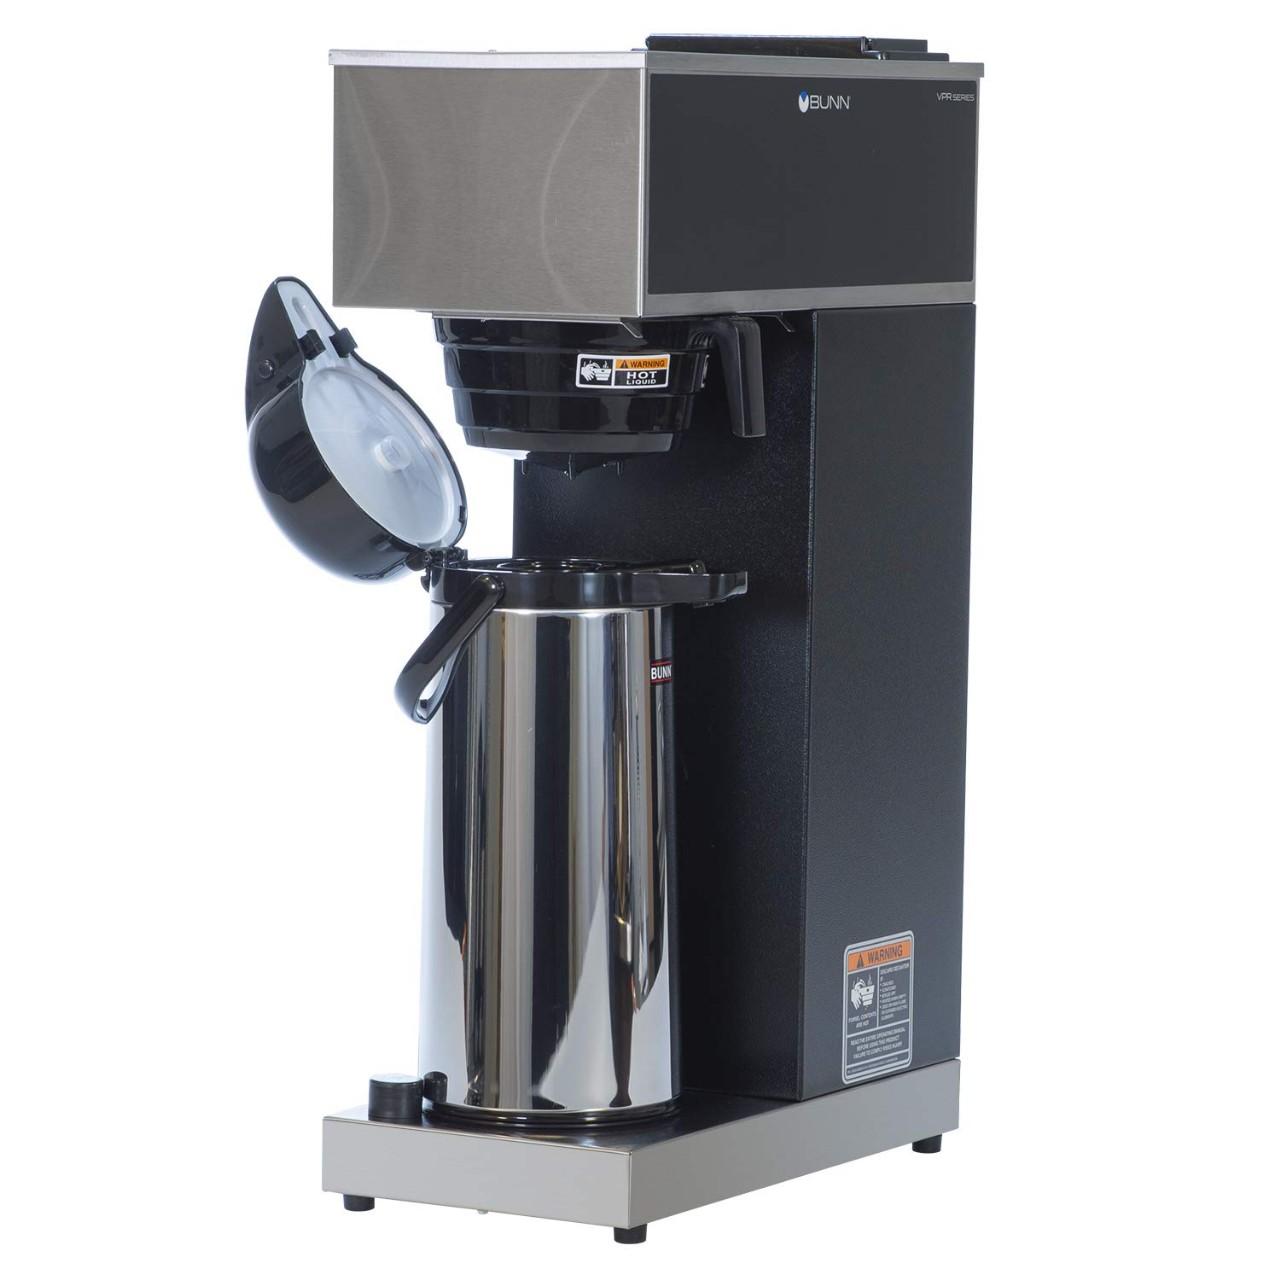 BUNN 33200.0014 Pourover Coffee Maker, 3.8 gallons, Black